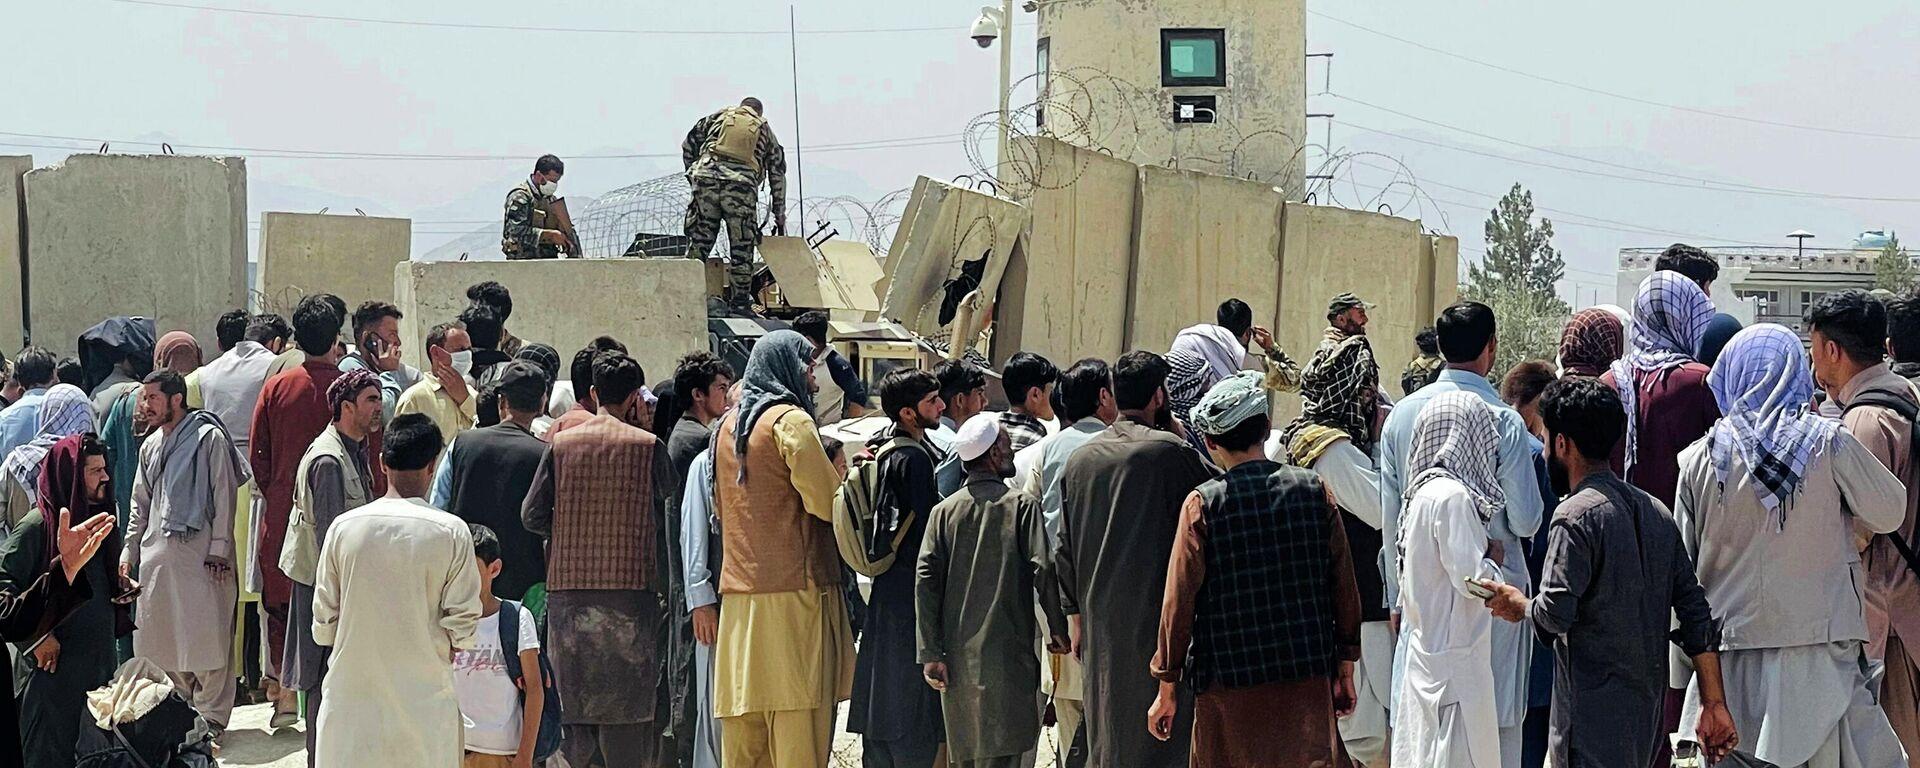 Afganistan'da Taliban dönemi | Örgütün basın sorumlusu: Yönetim boşluğunun doldurulacağını umuyorum - Sputnik Türkiye, 1920, 20.08.2021